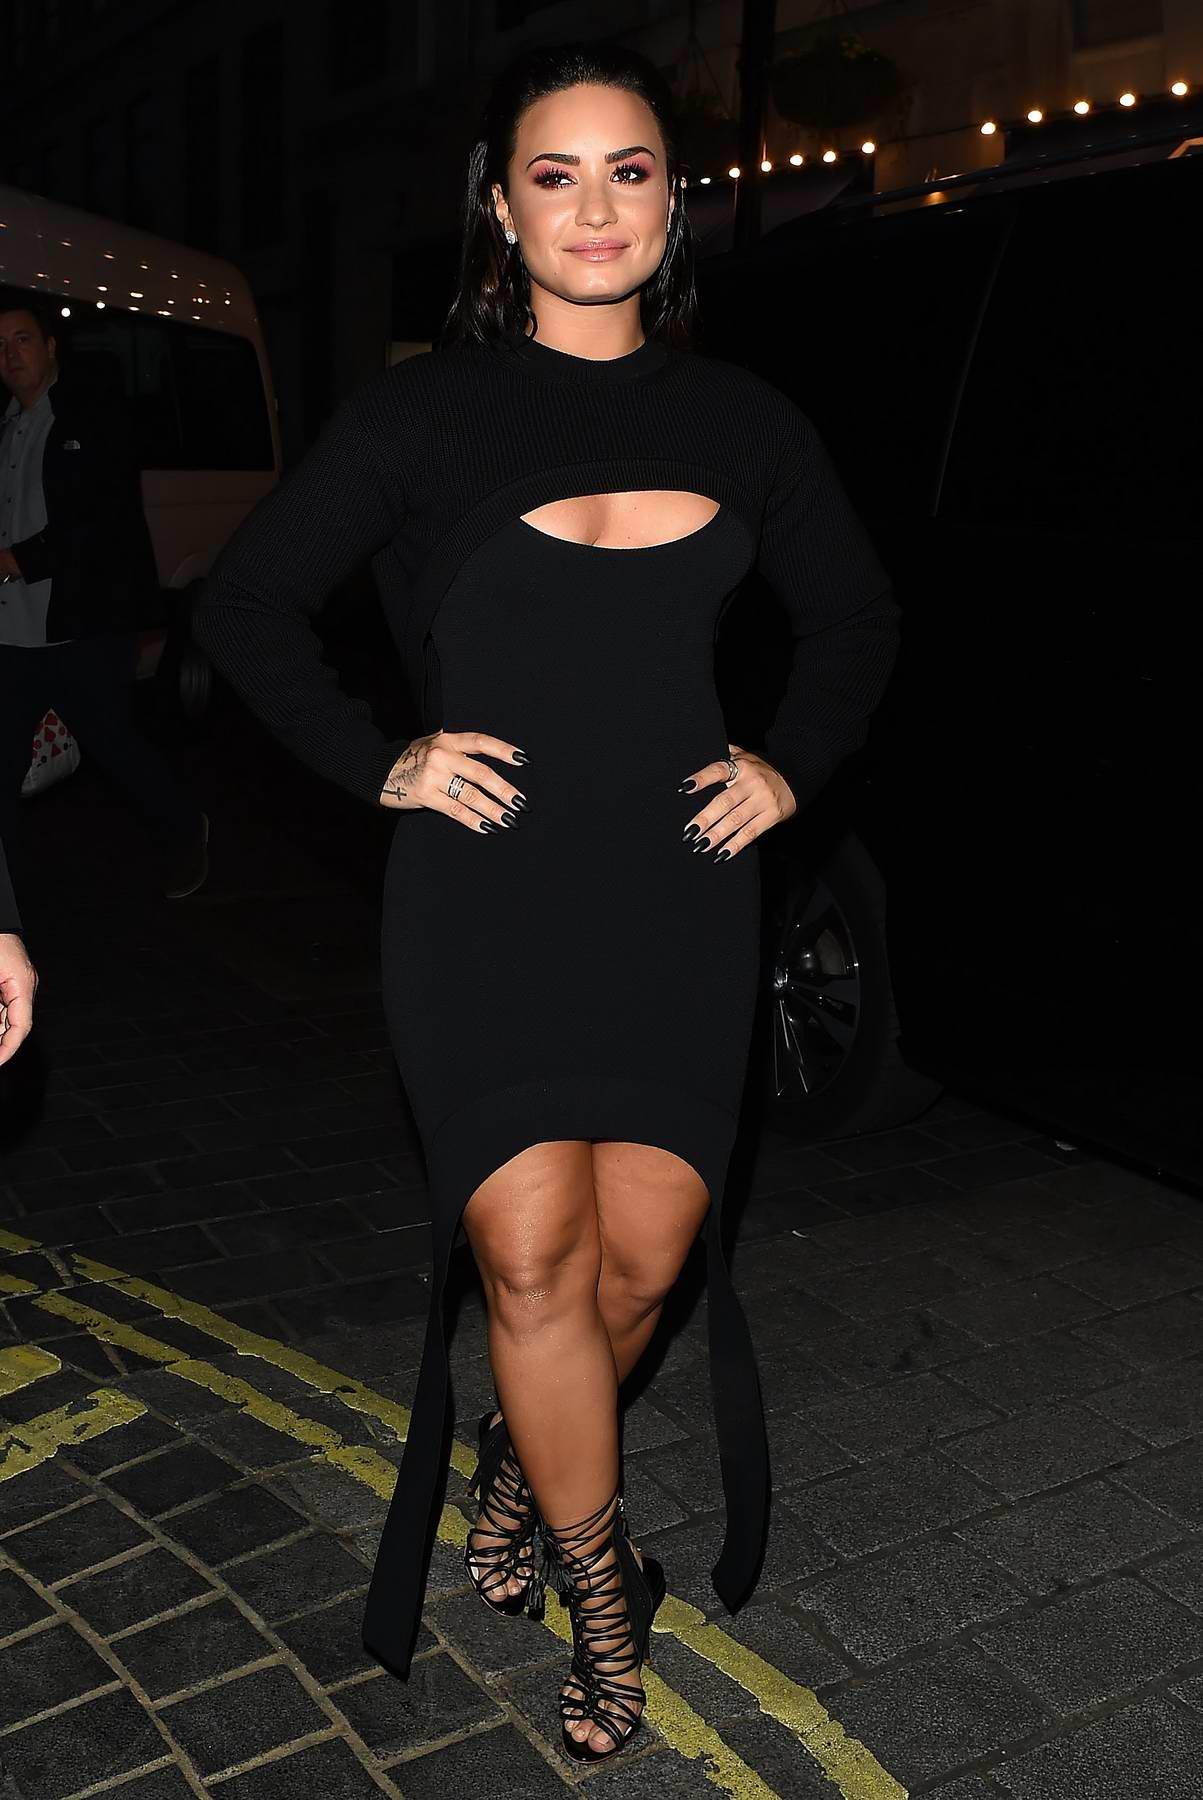 Demi Lovato attends album launch party in London